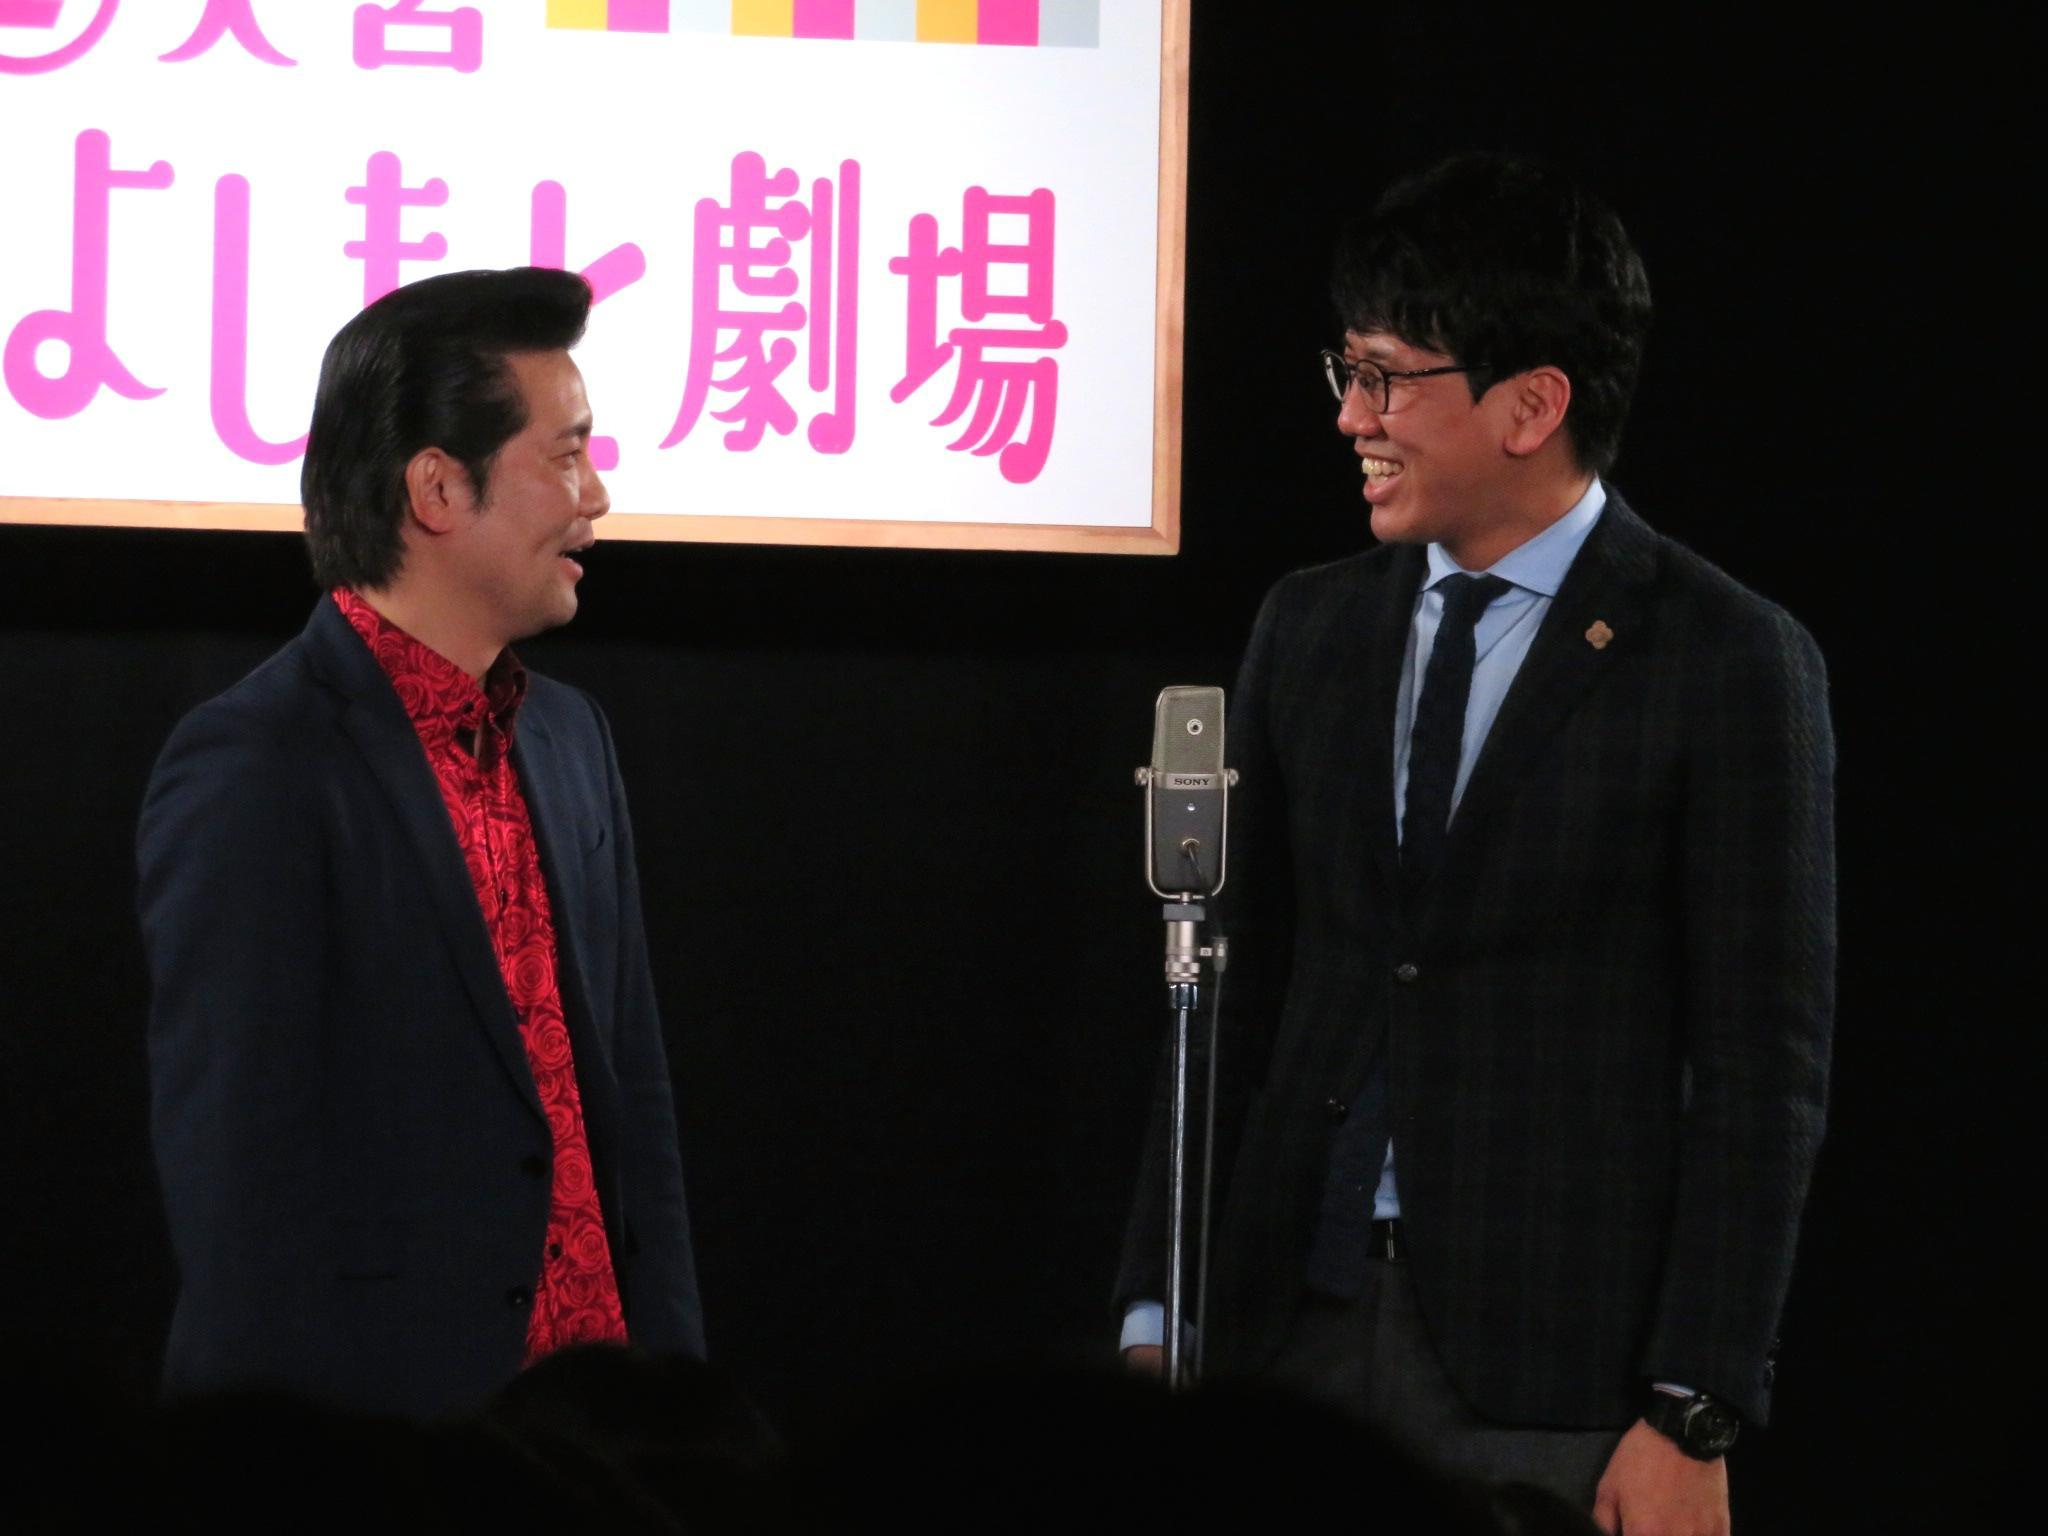 http://news.yoshimoto.co.jp/20171230223201-0e315302bb6a9cbcbac85f4f9d6e636facf3e954.jpg